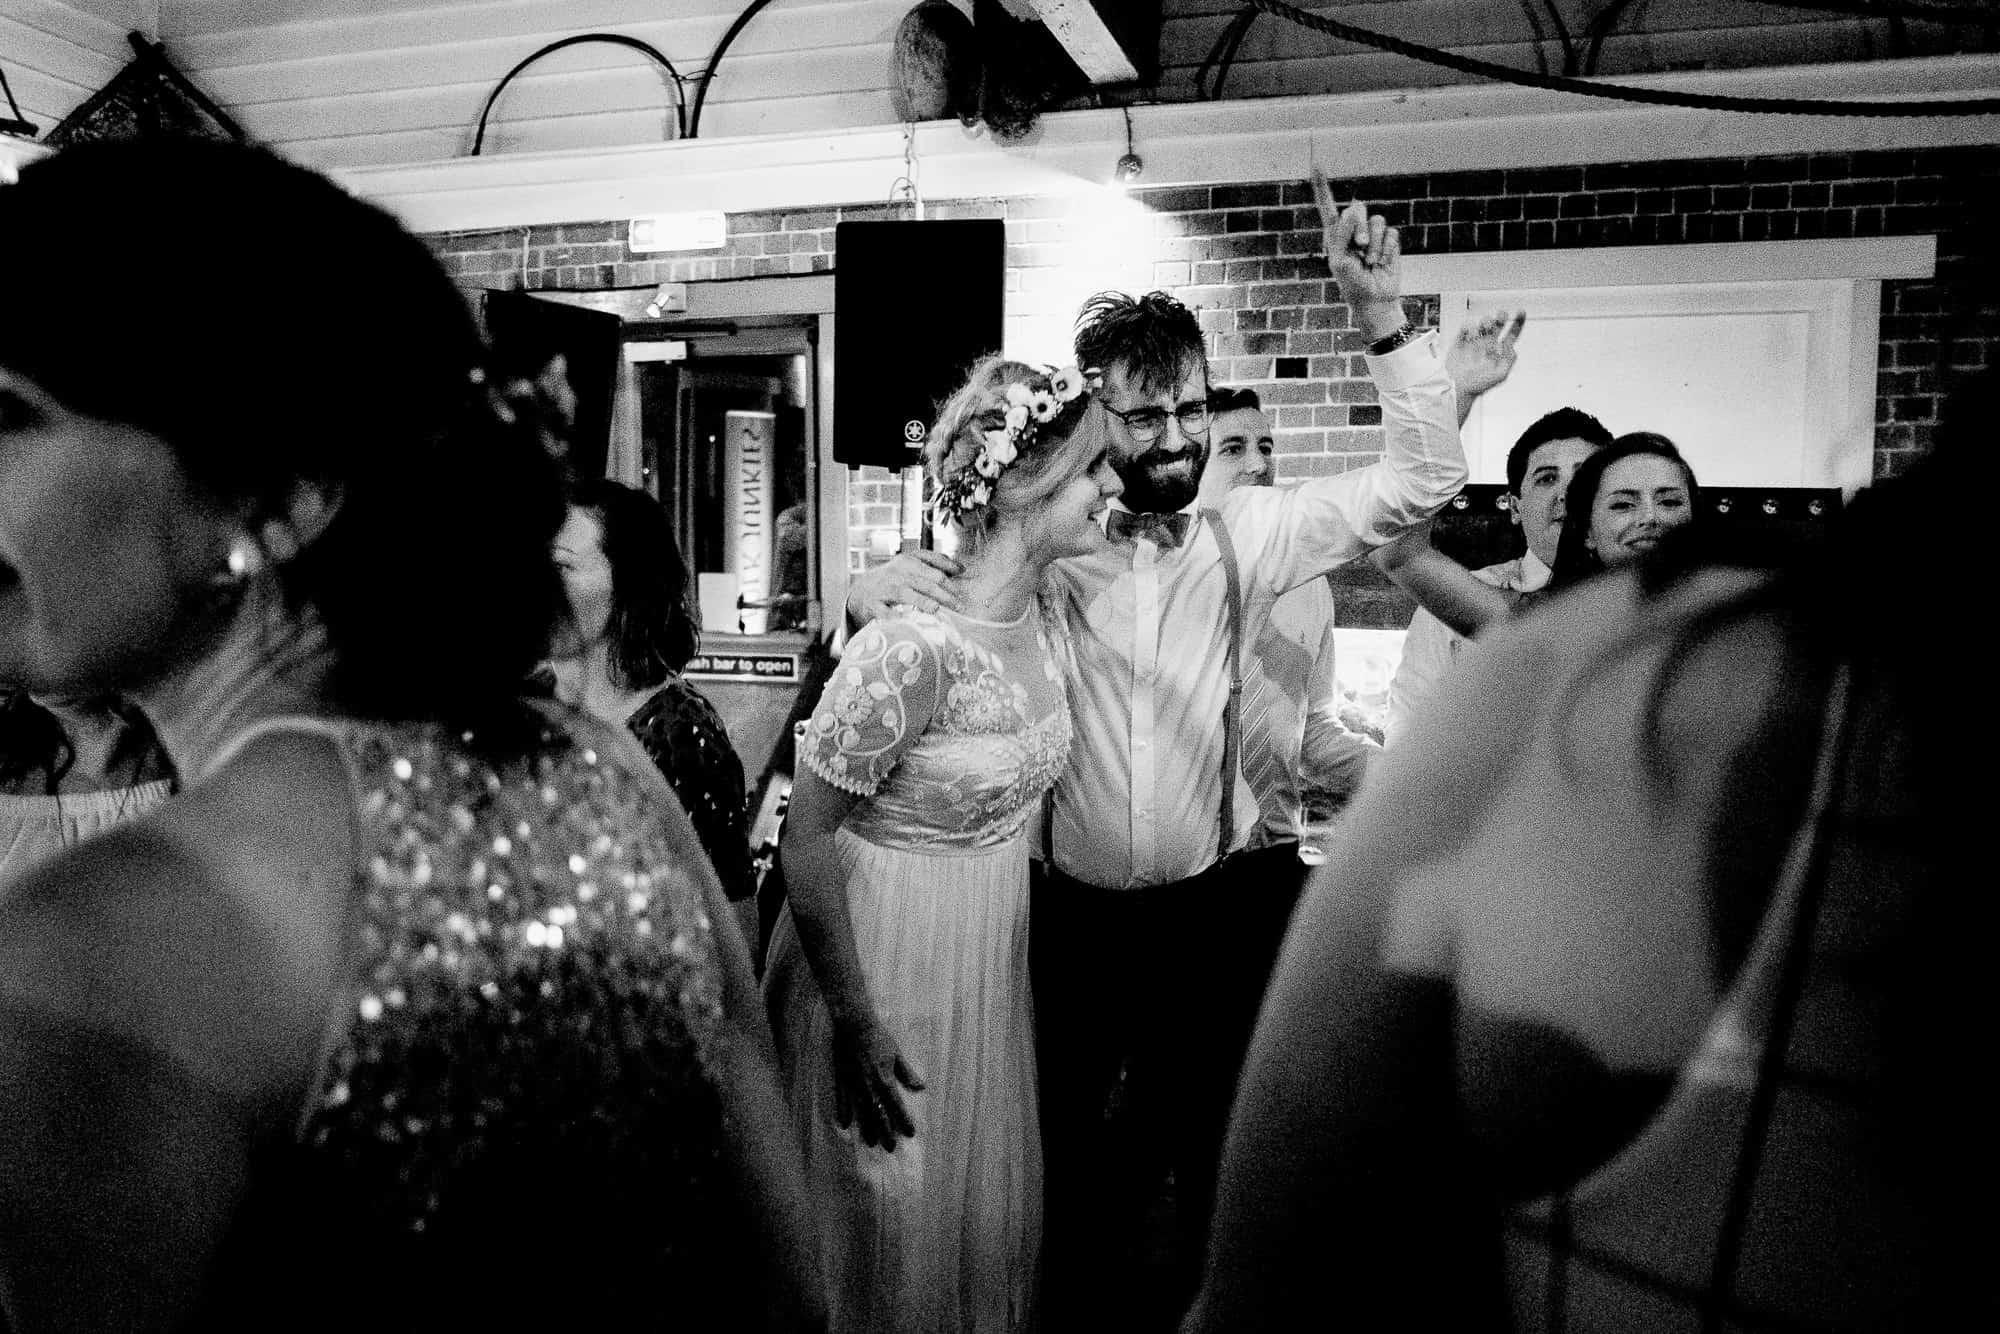 east-quay-wedding-photography-matt-tyler-0093